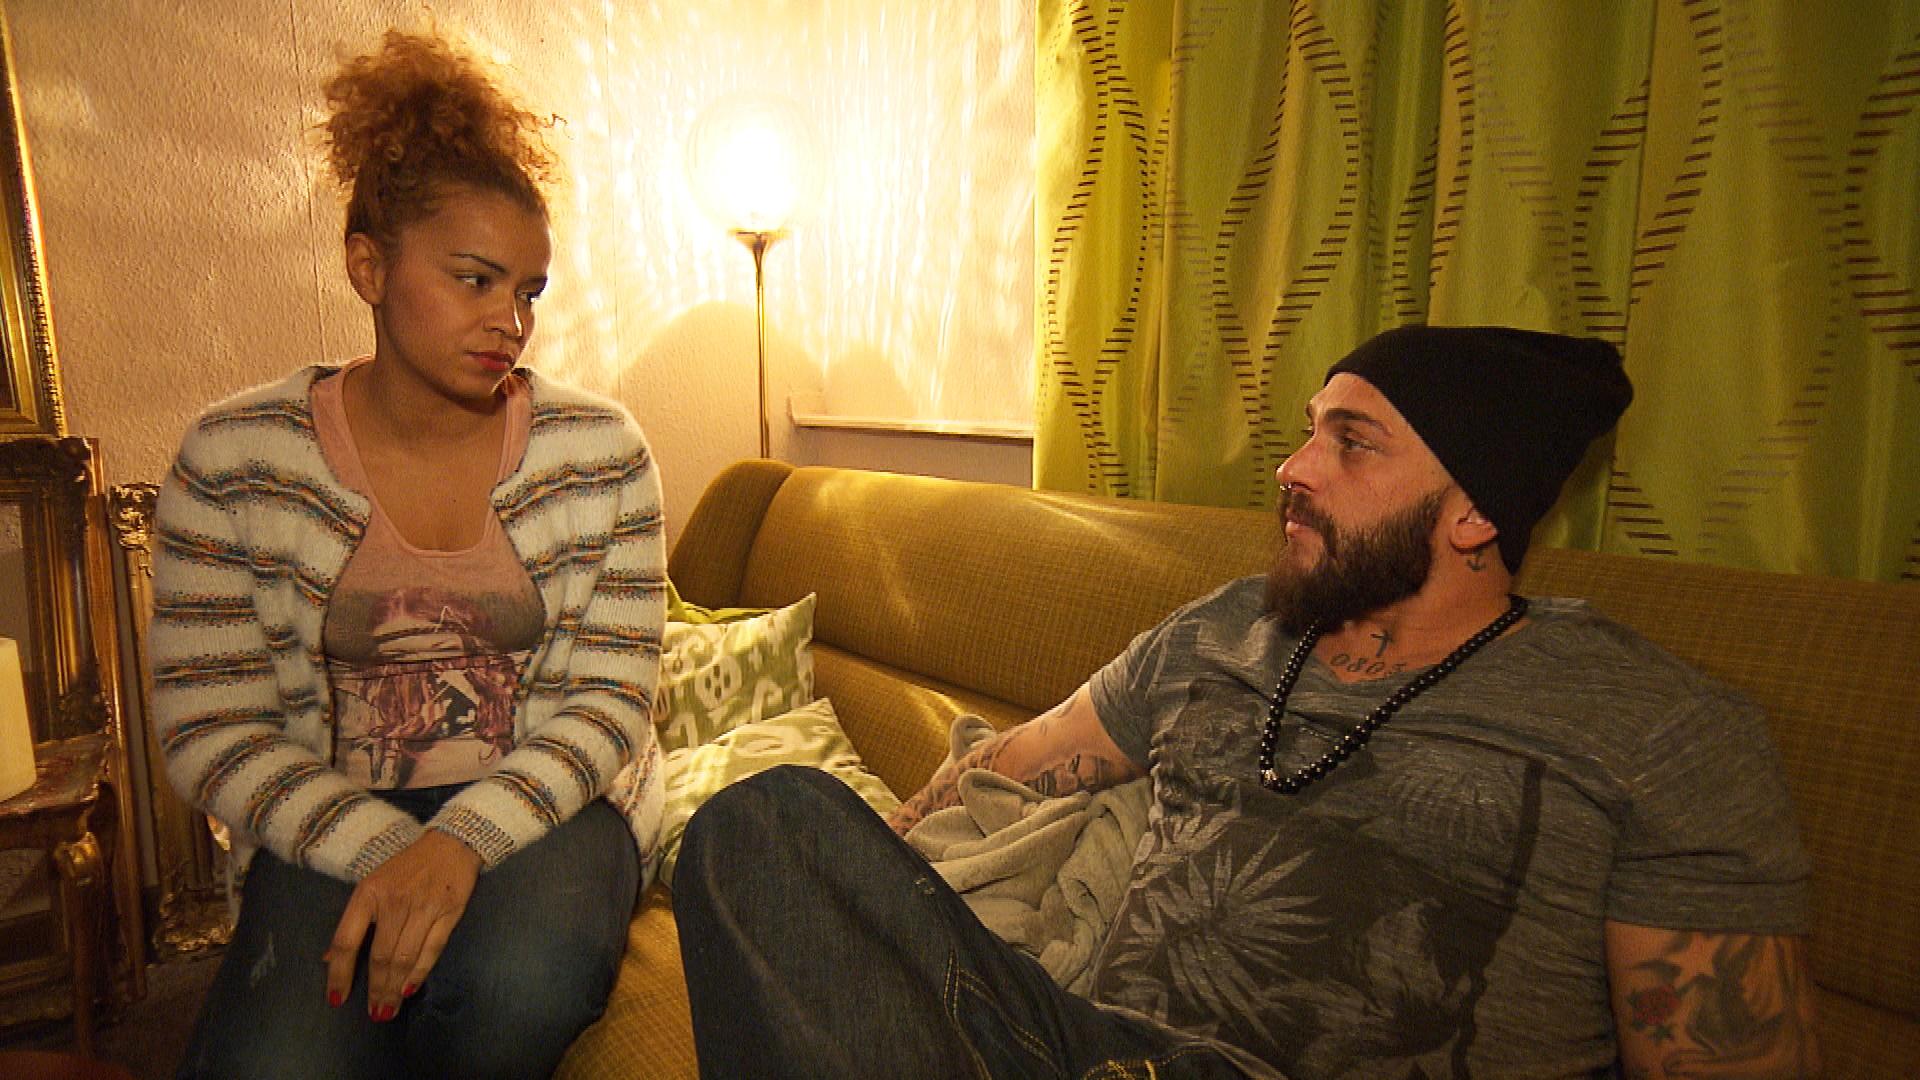 Sam fühlt sich nach Brunos Liebesbekenntnis in dessen Nähe unbehaglich. Als sie einen DJ für die Kunstbar organisiert, vertreibt Bruno diesen rüde. Sam glaubt, dass er aus Eifersucht gehandelt hat und stellt Bruno zur Rede. (Quelle: RTL 2)